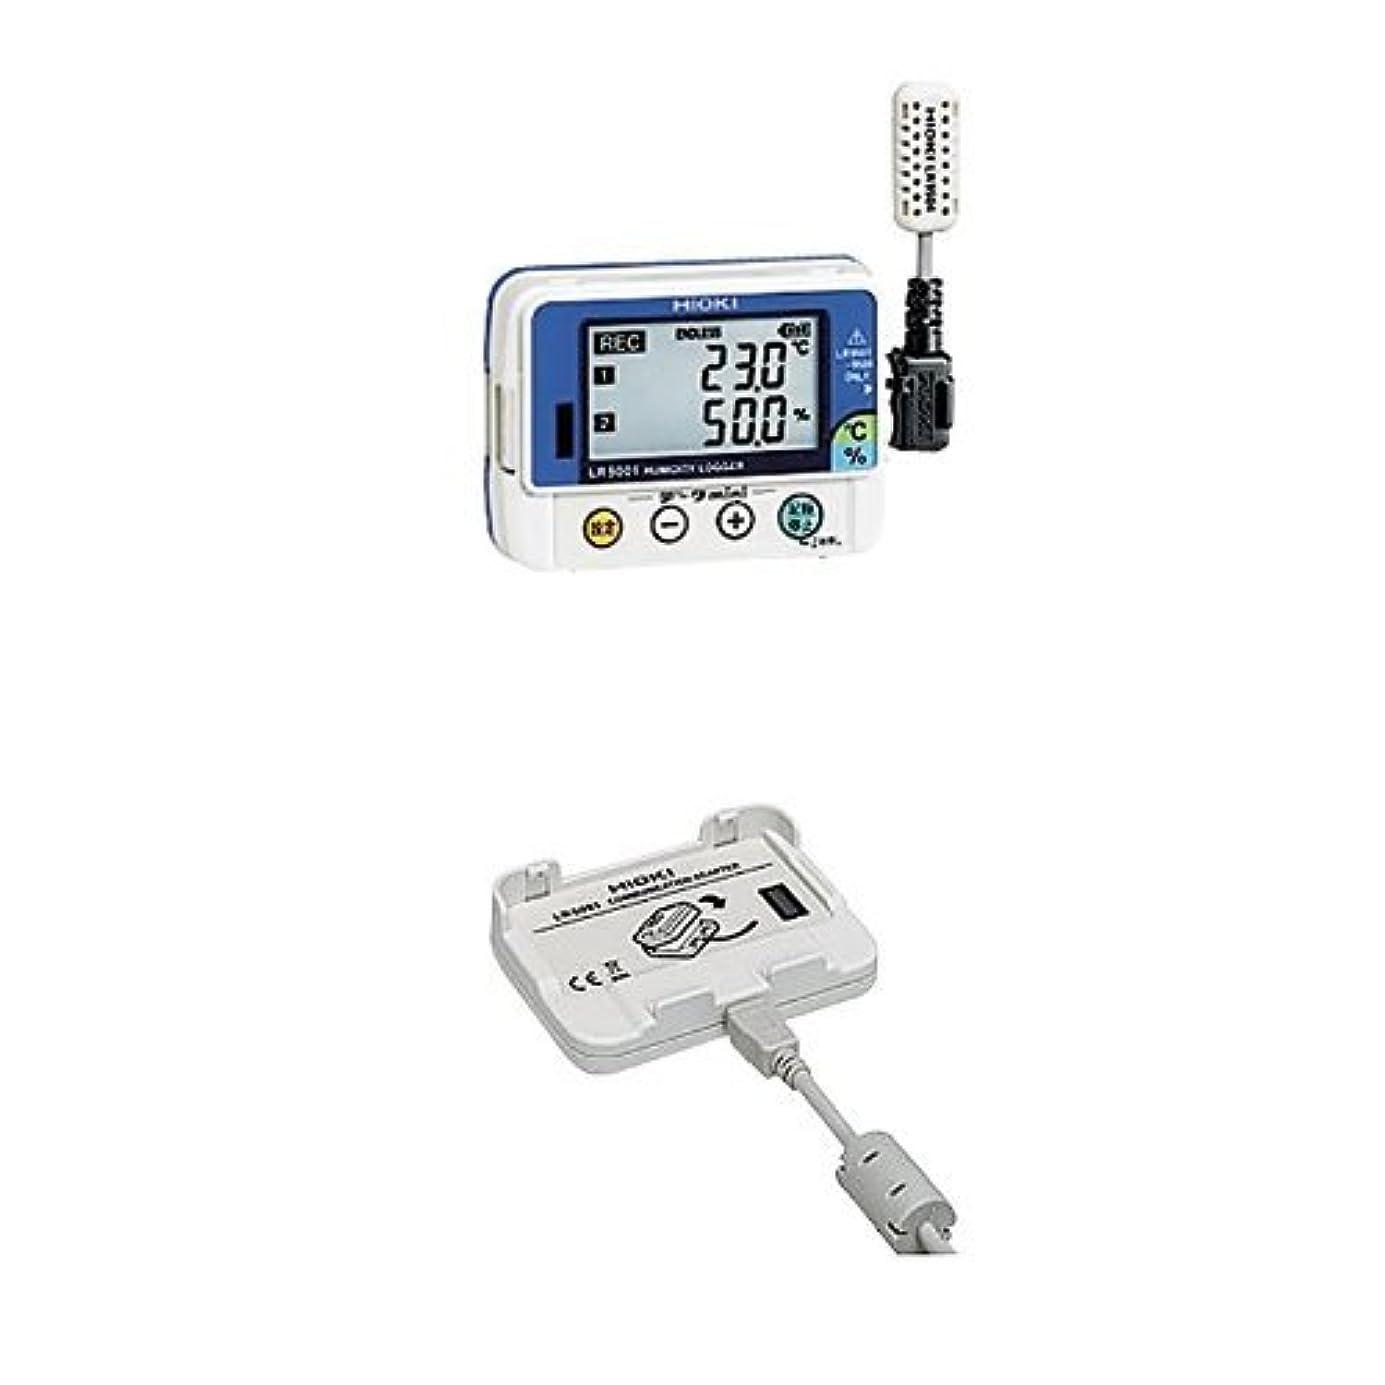 兄悩む独立してデータミニ LR5061?USB通信アダプタ―セット